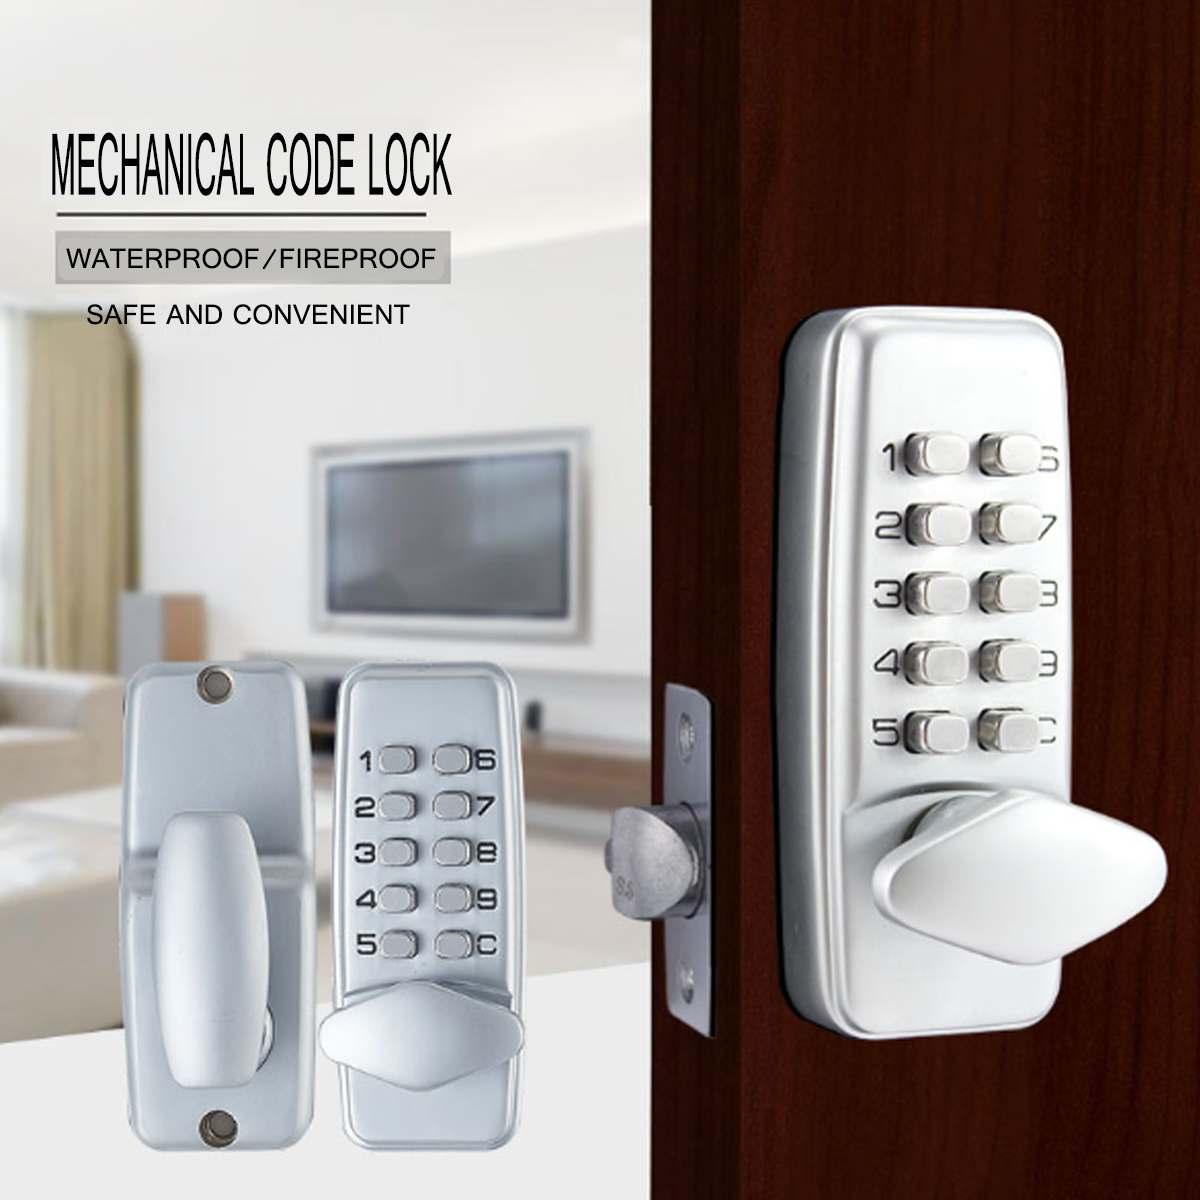 Serrure numérique mécanique de porte de combinaison sans clé d'alliage de Zinc aucune serrure de Code de bouton poussoir de puissance pour le matériel de meubles à la maison